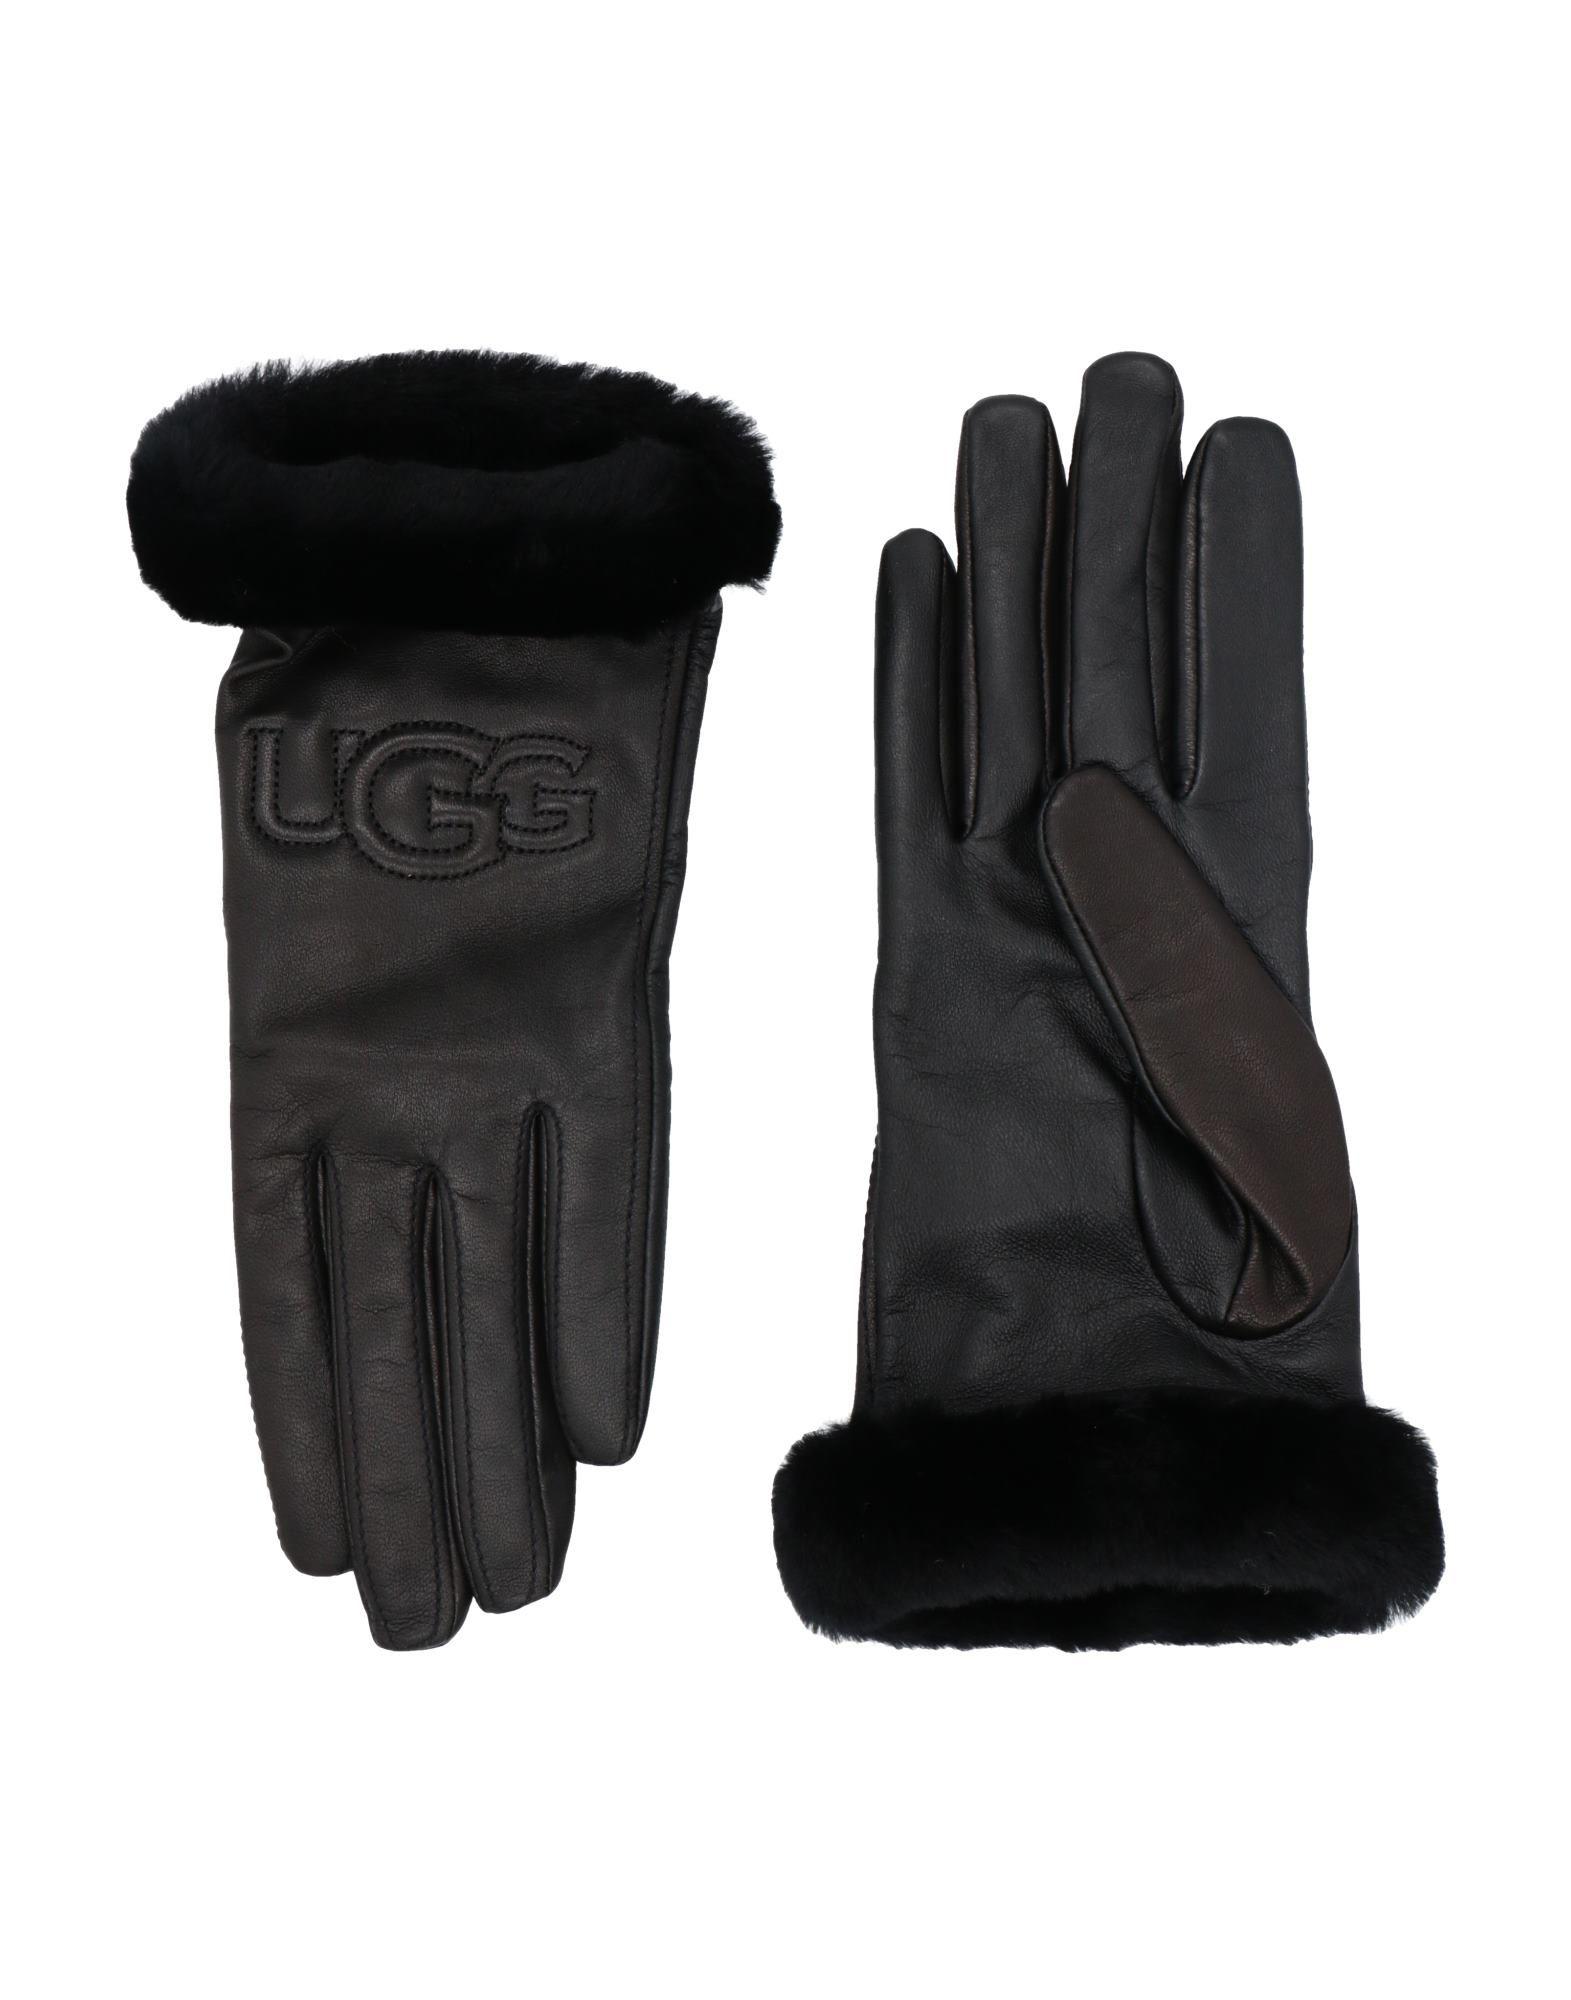 UGG AUSTRALIA Перчатки ugg classic short pink $123 00 ugg boots outlet online uggbootsonsale co